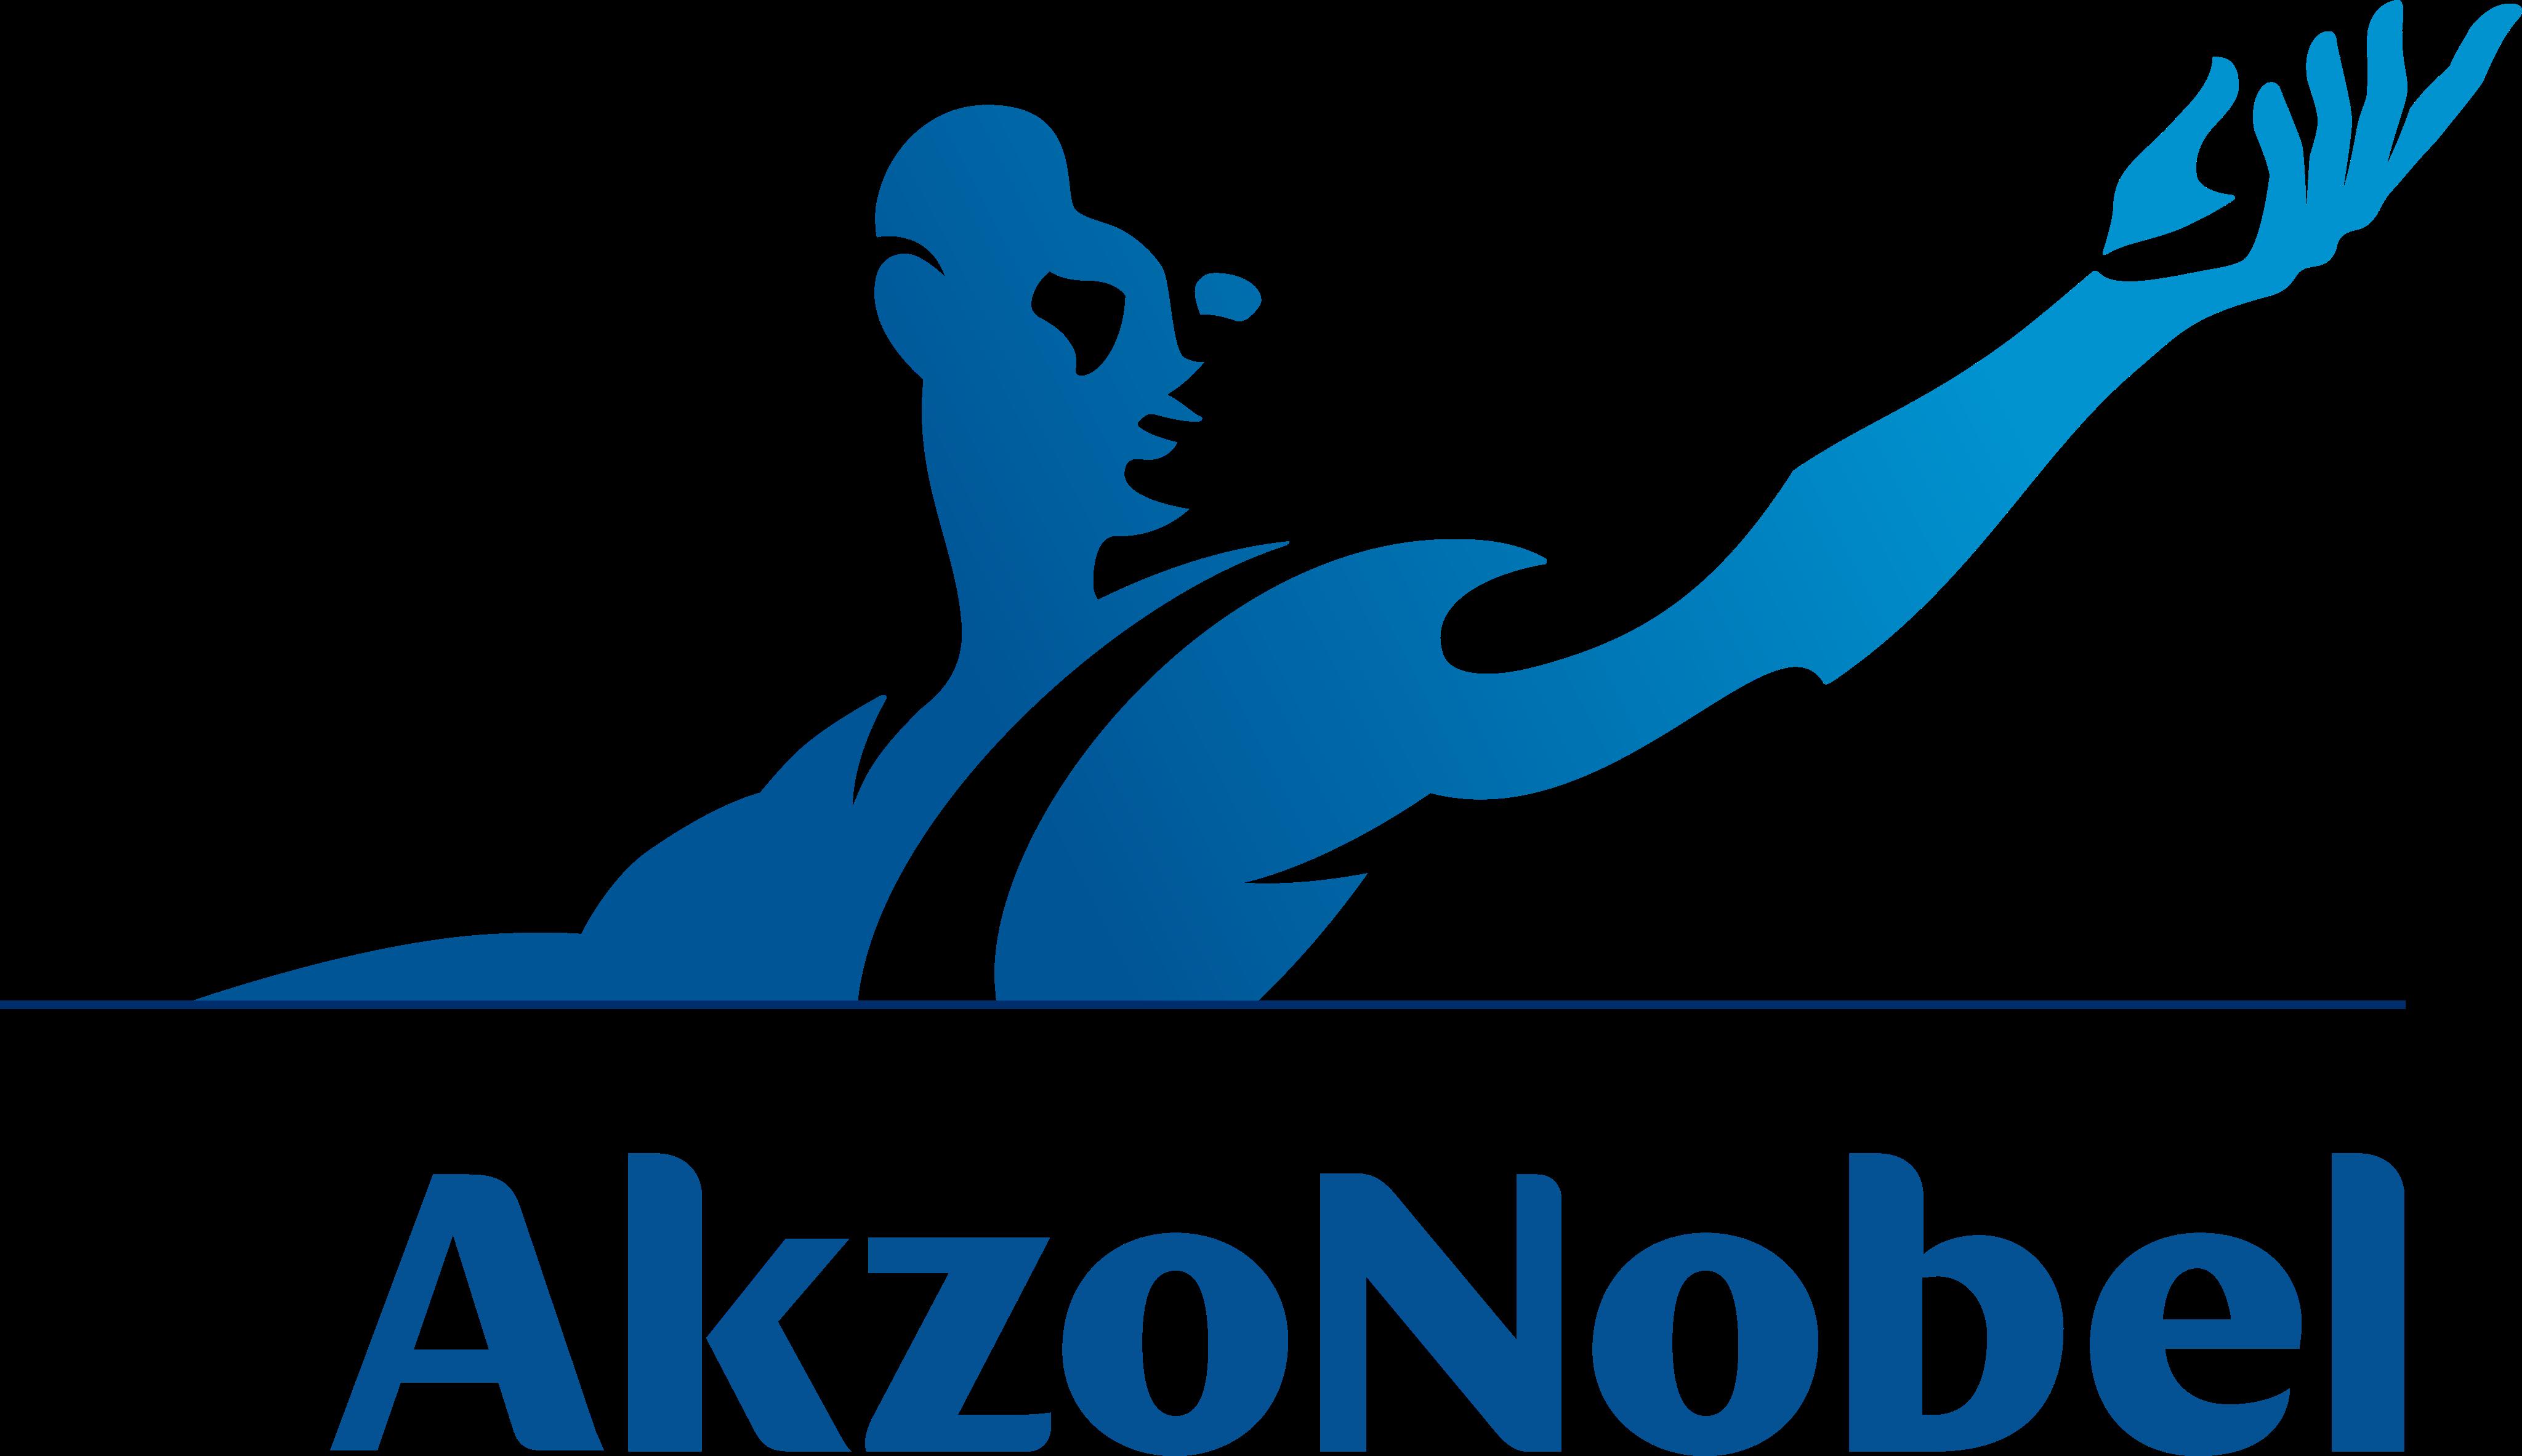 AkzoNobel Logo.